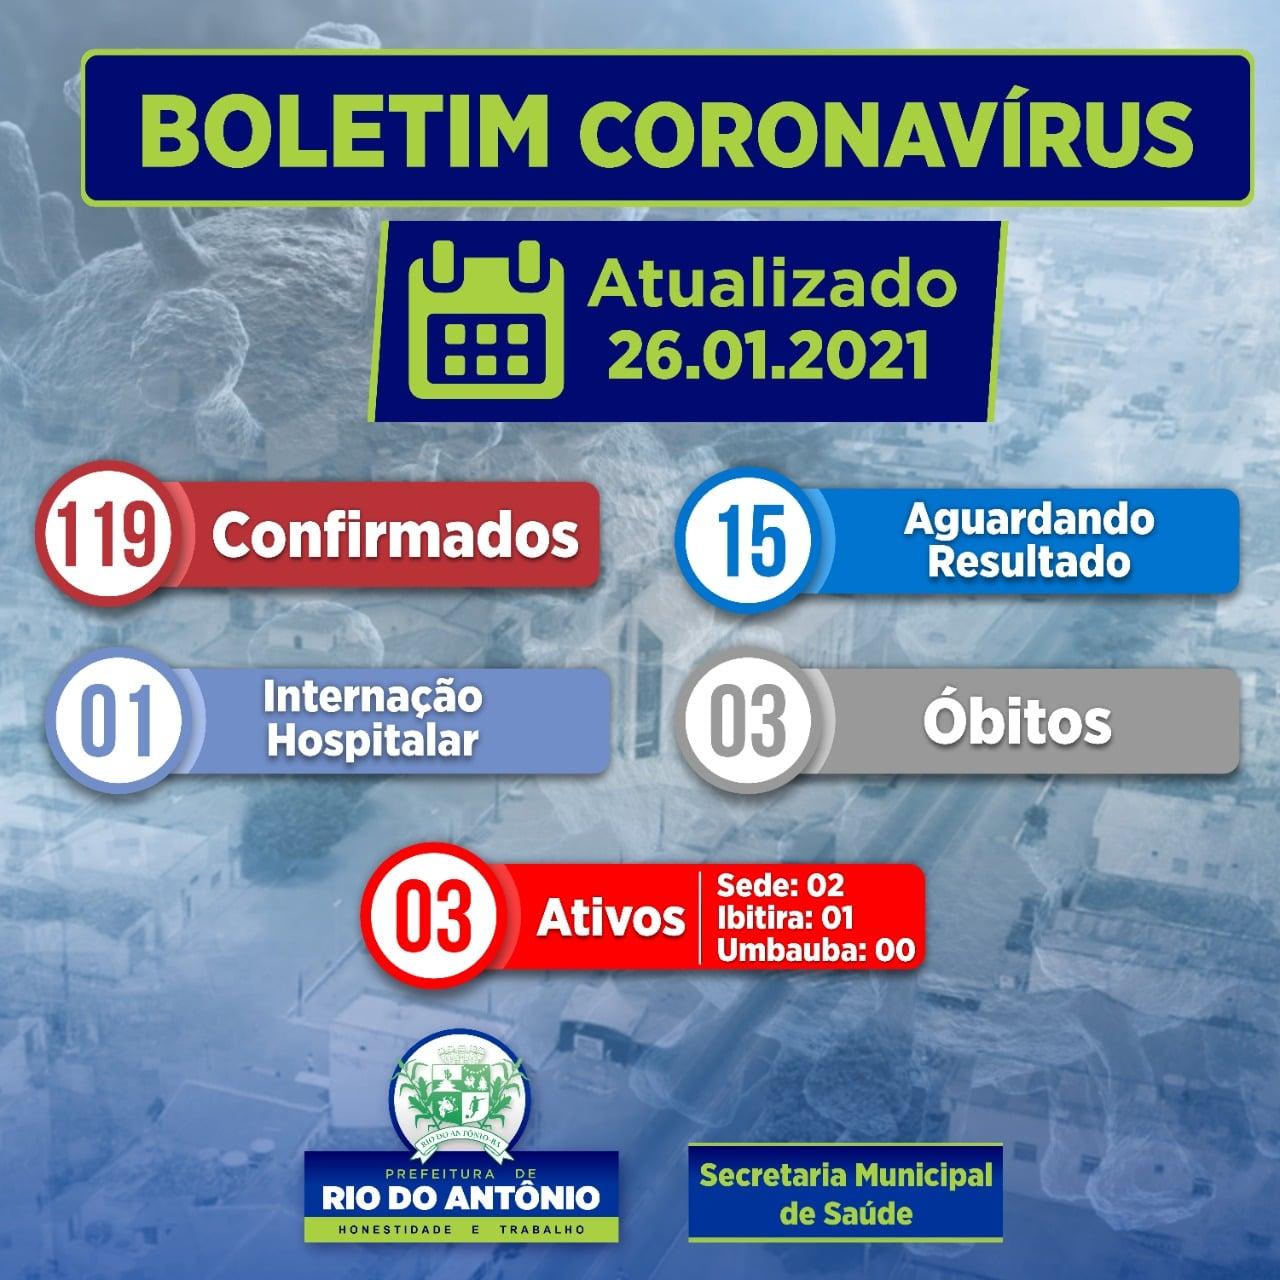 Rio do Antônio registra 03 casos ativos da Covid-19